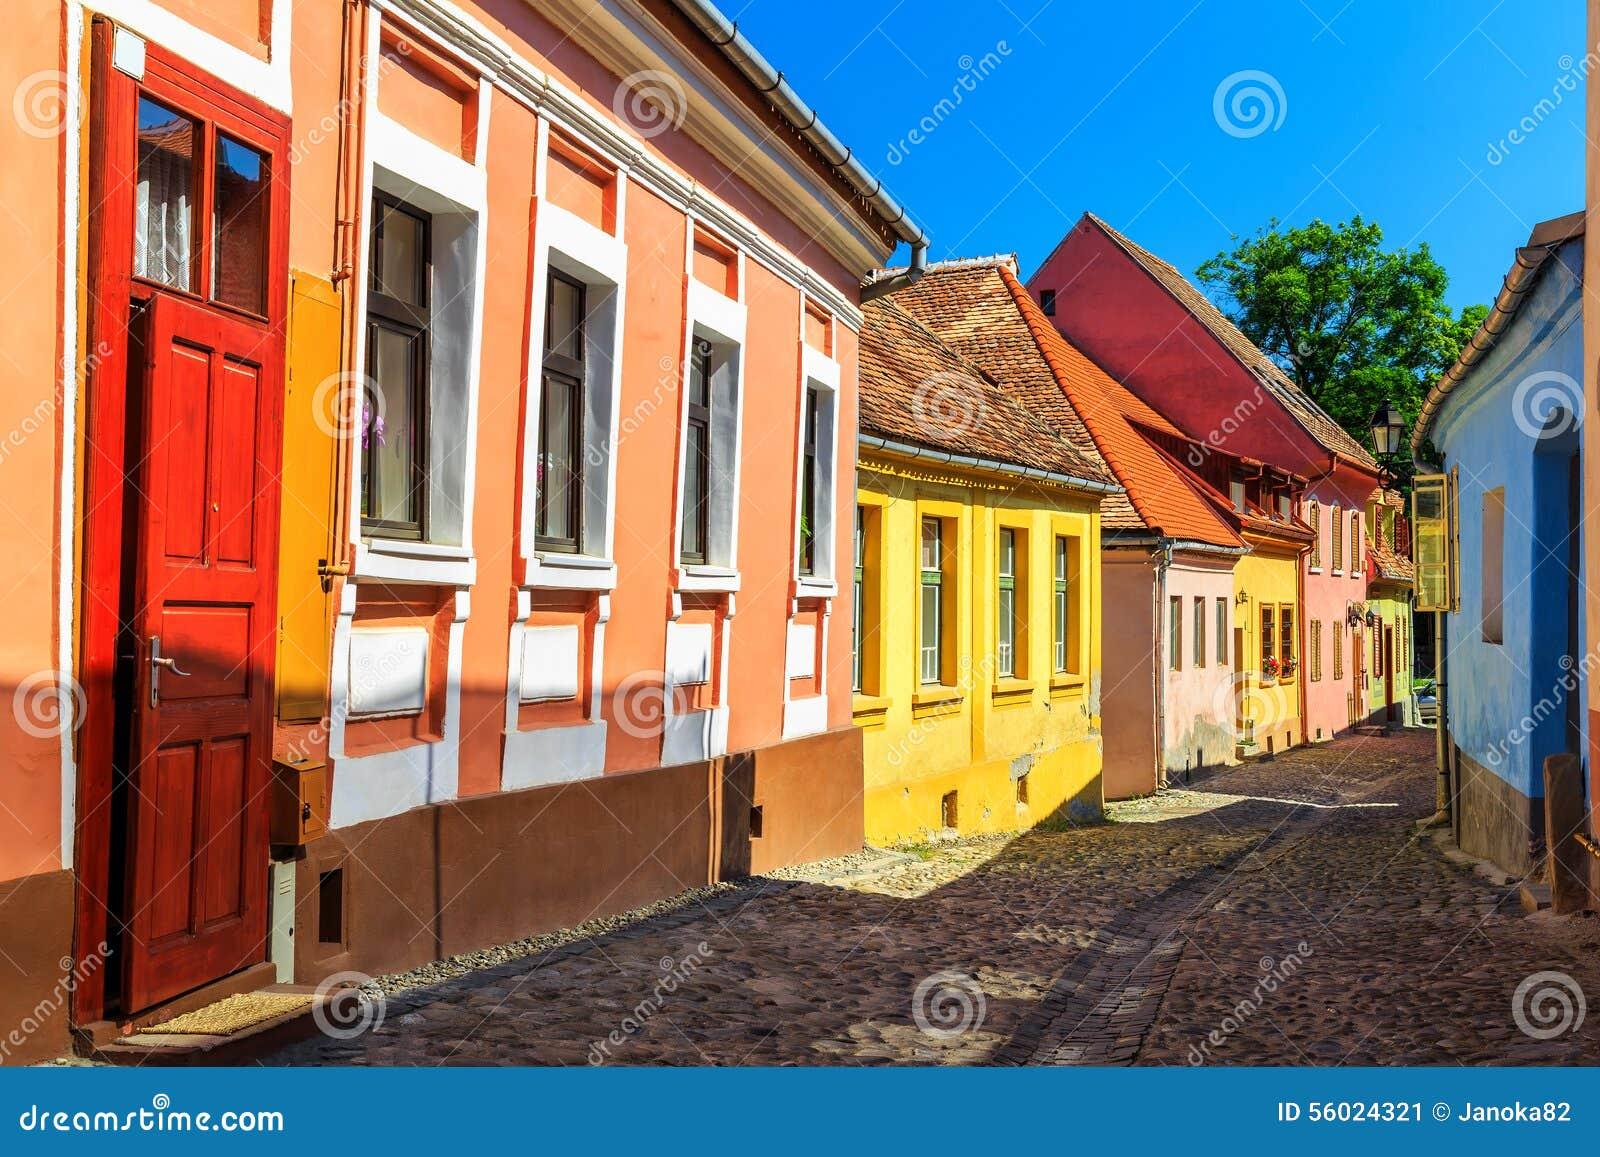 Medieval saxon street view in sighisoara transylvania romania europe stock photo image 56024321 - Saxon style houses in transylvania ...